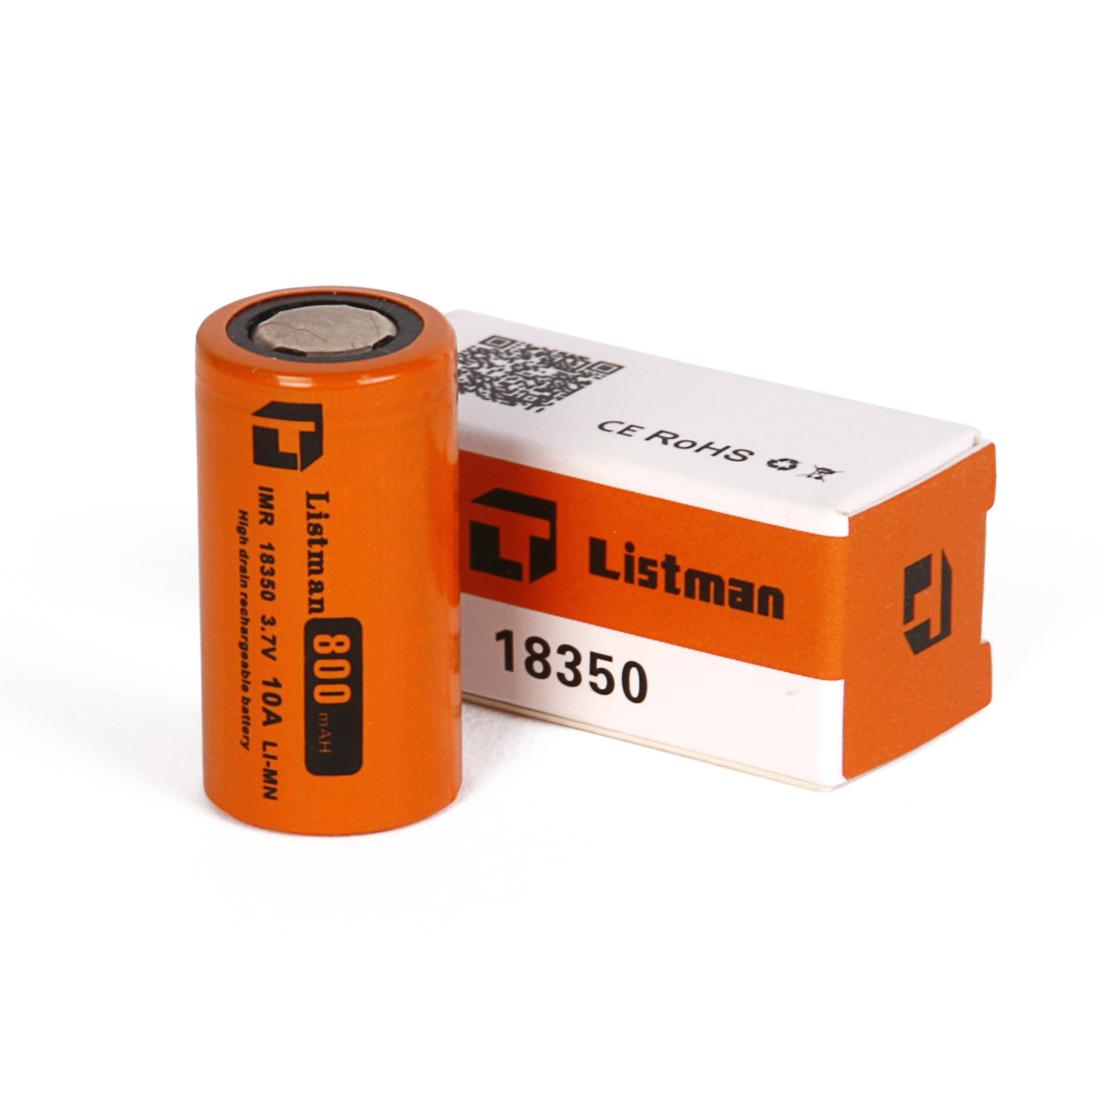 Batterie Mod efest 18350 800mah